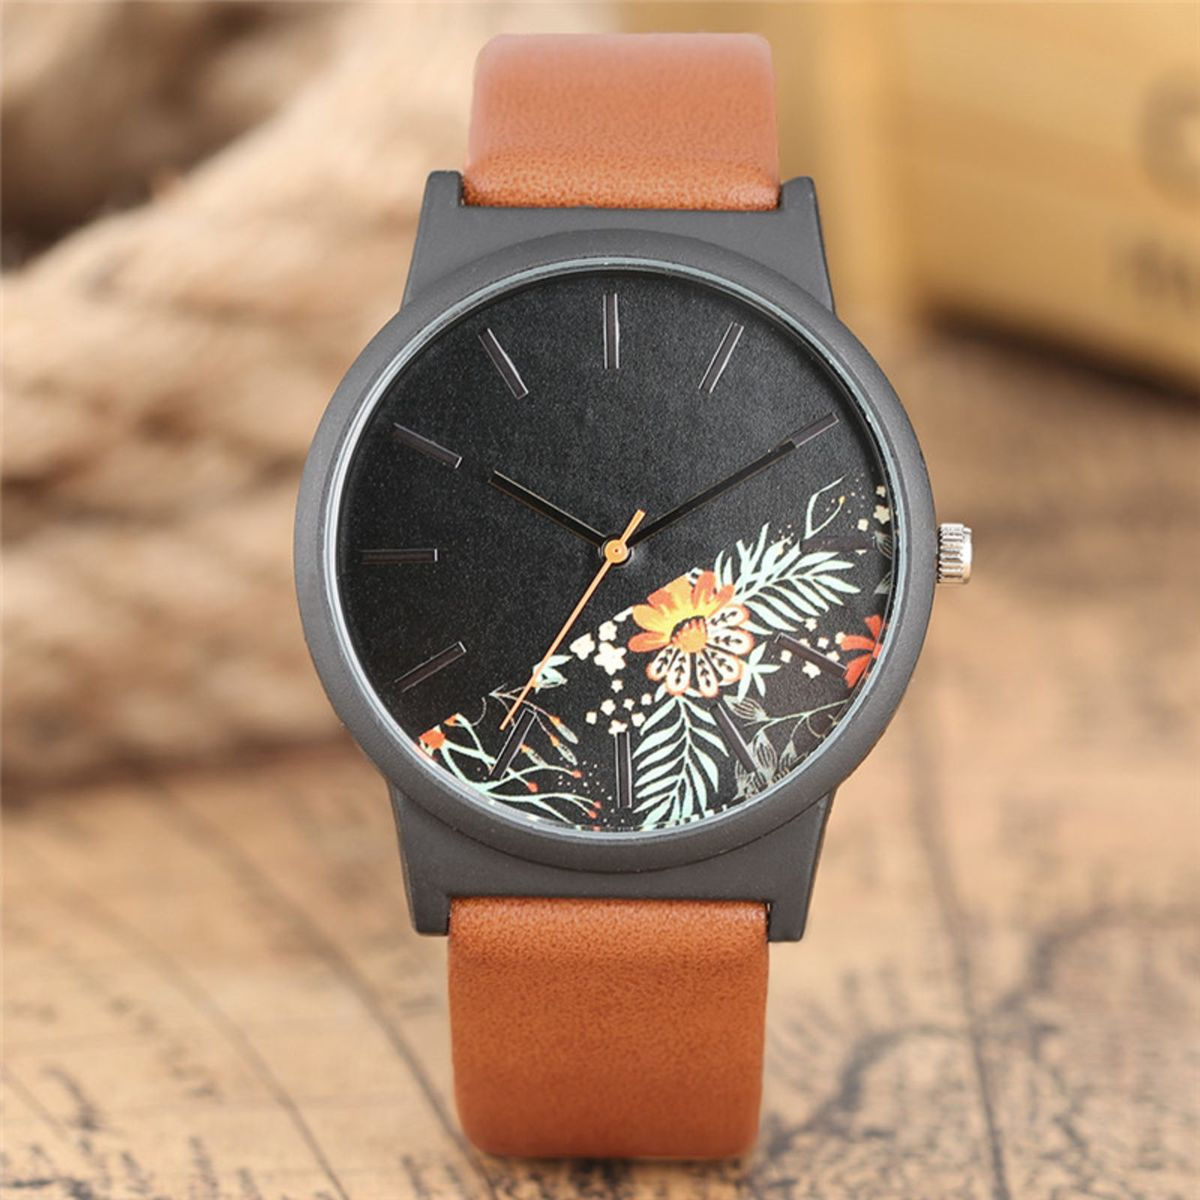 36826bfc315 Relógio de Pulso Analógico com Visor Estampado Floral   Folhagem - Caramelo